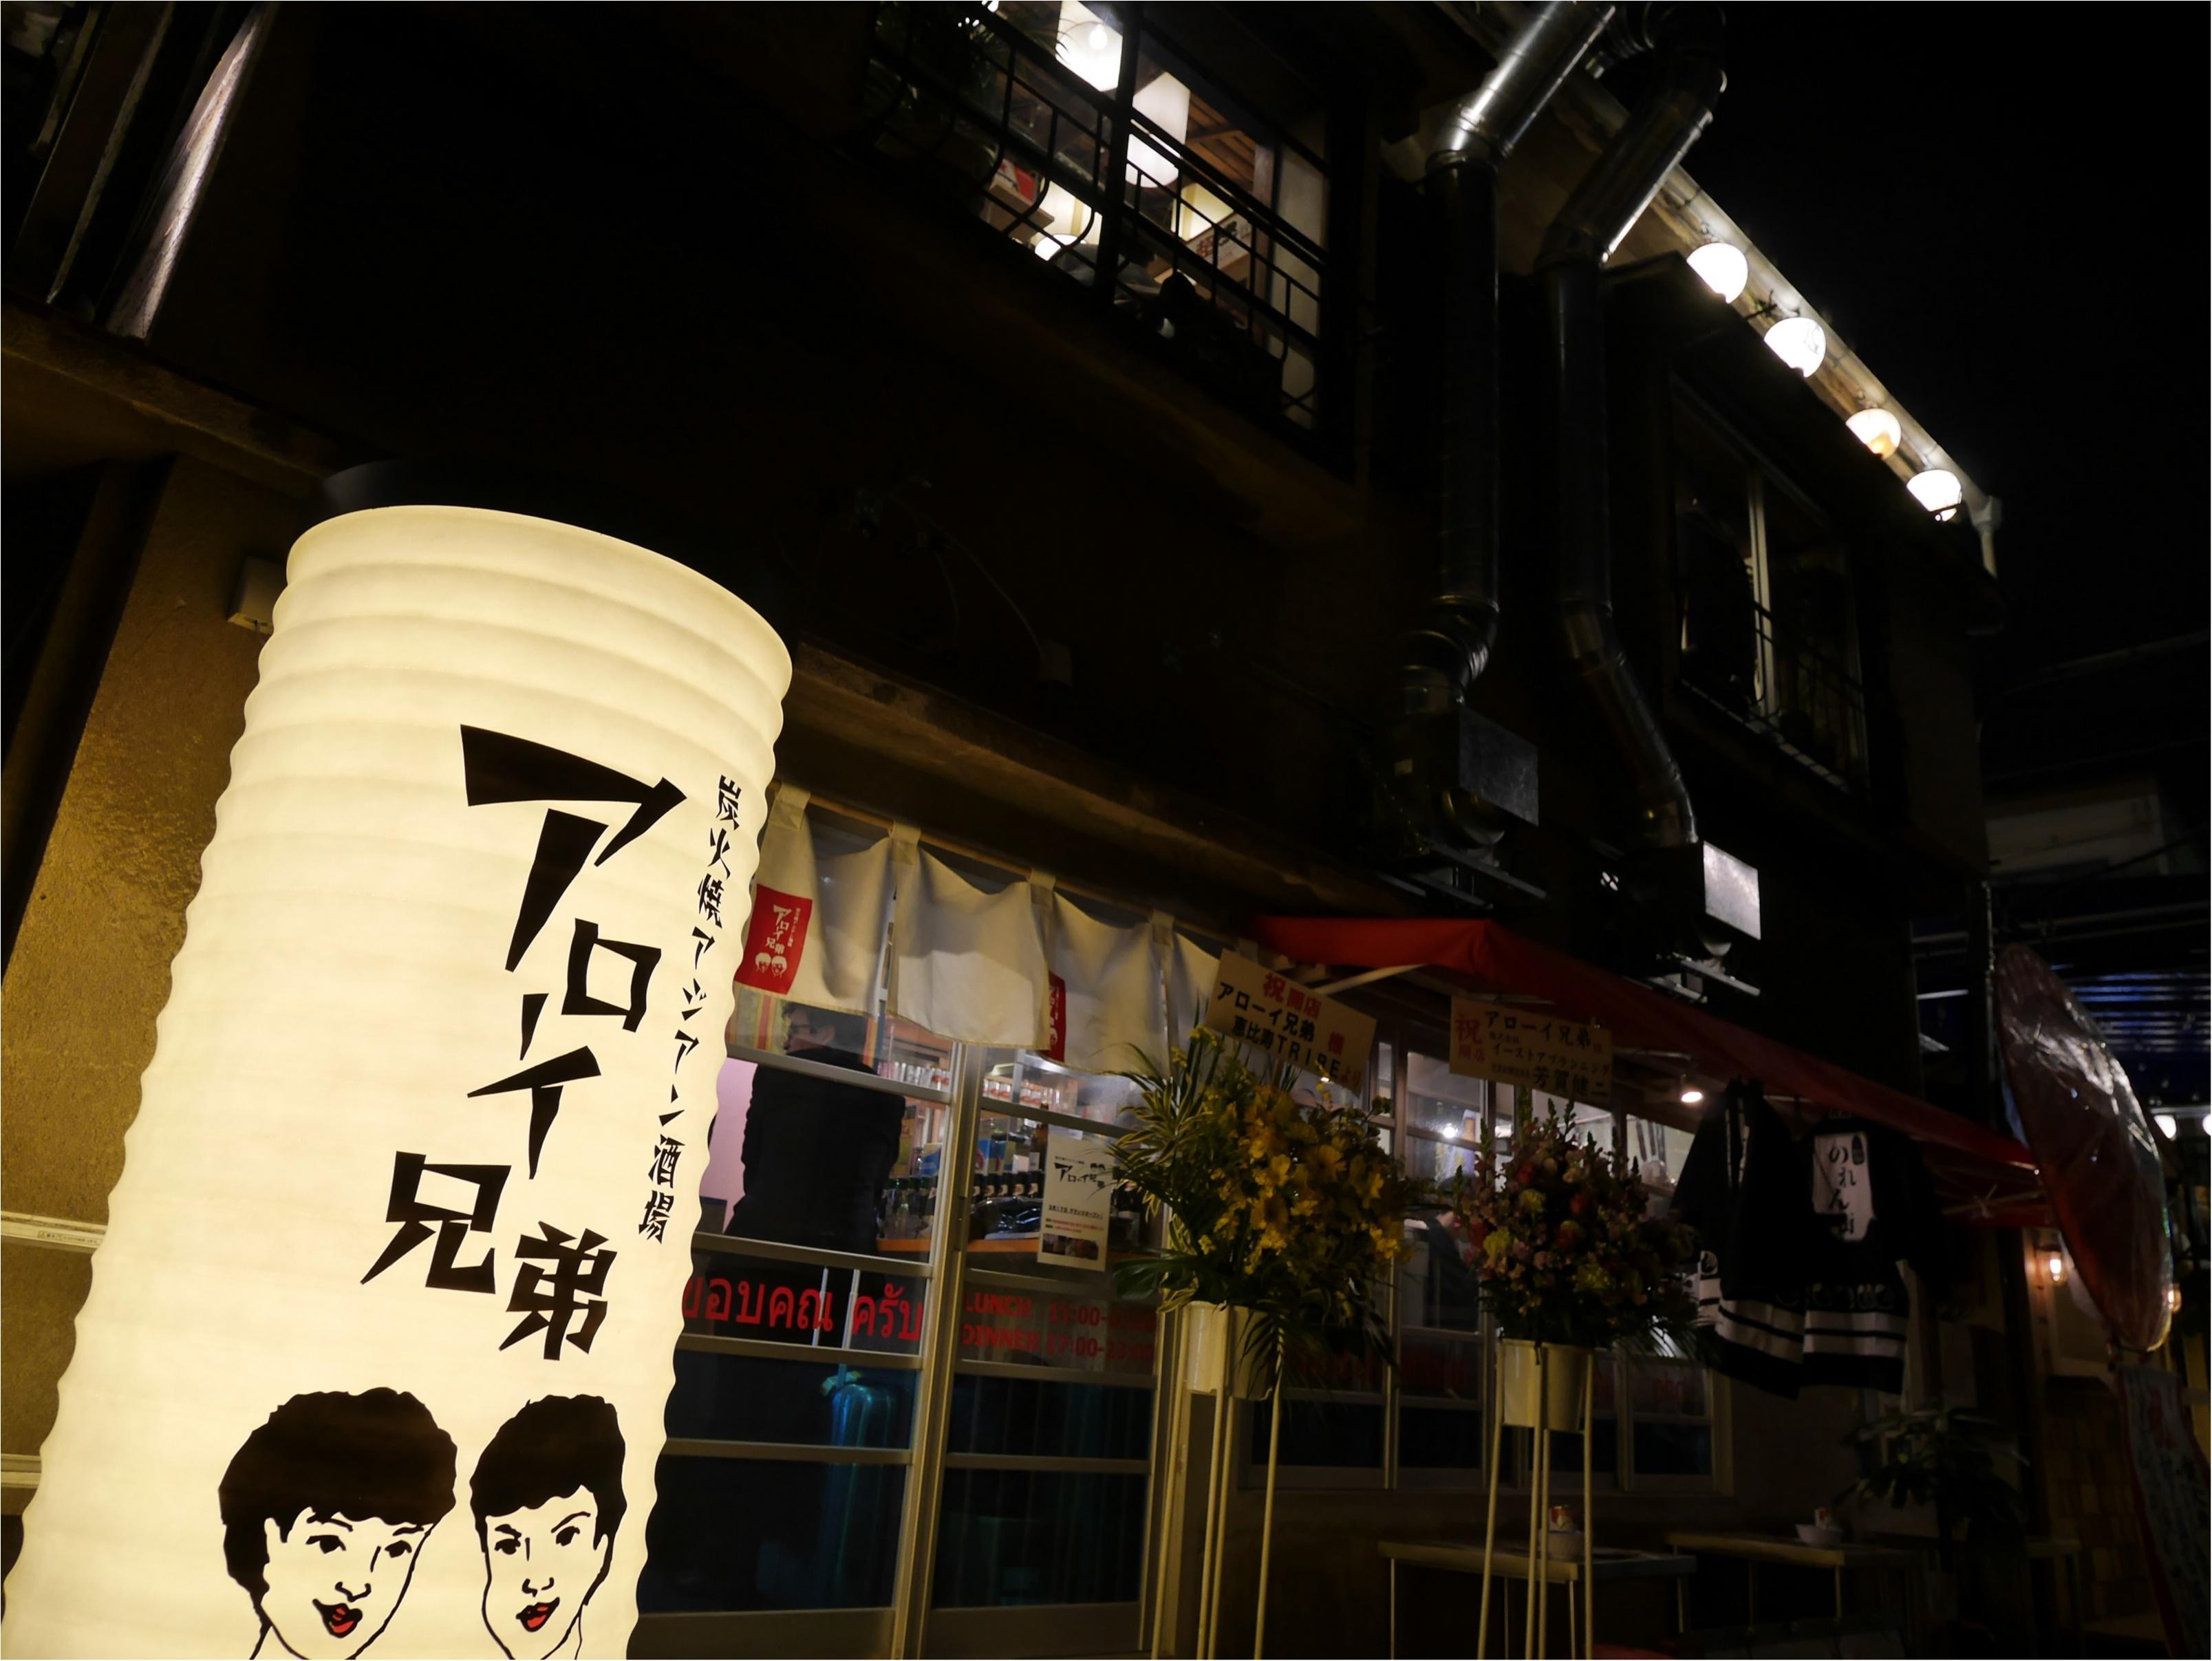 【ほぼ新宿のれん街OPEN】代々木から徒歩1分に古民家を改装したお洒落な横丁が登場!_7